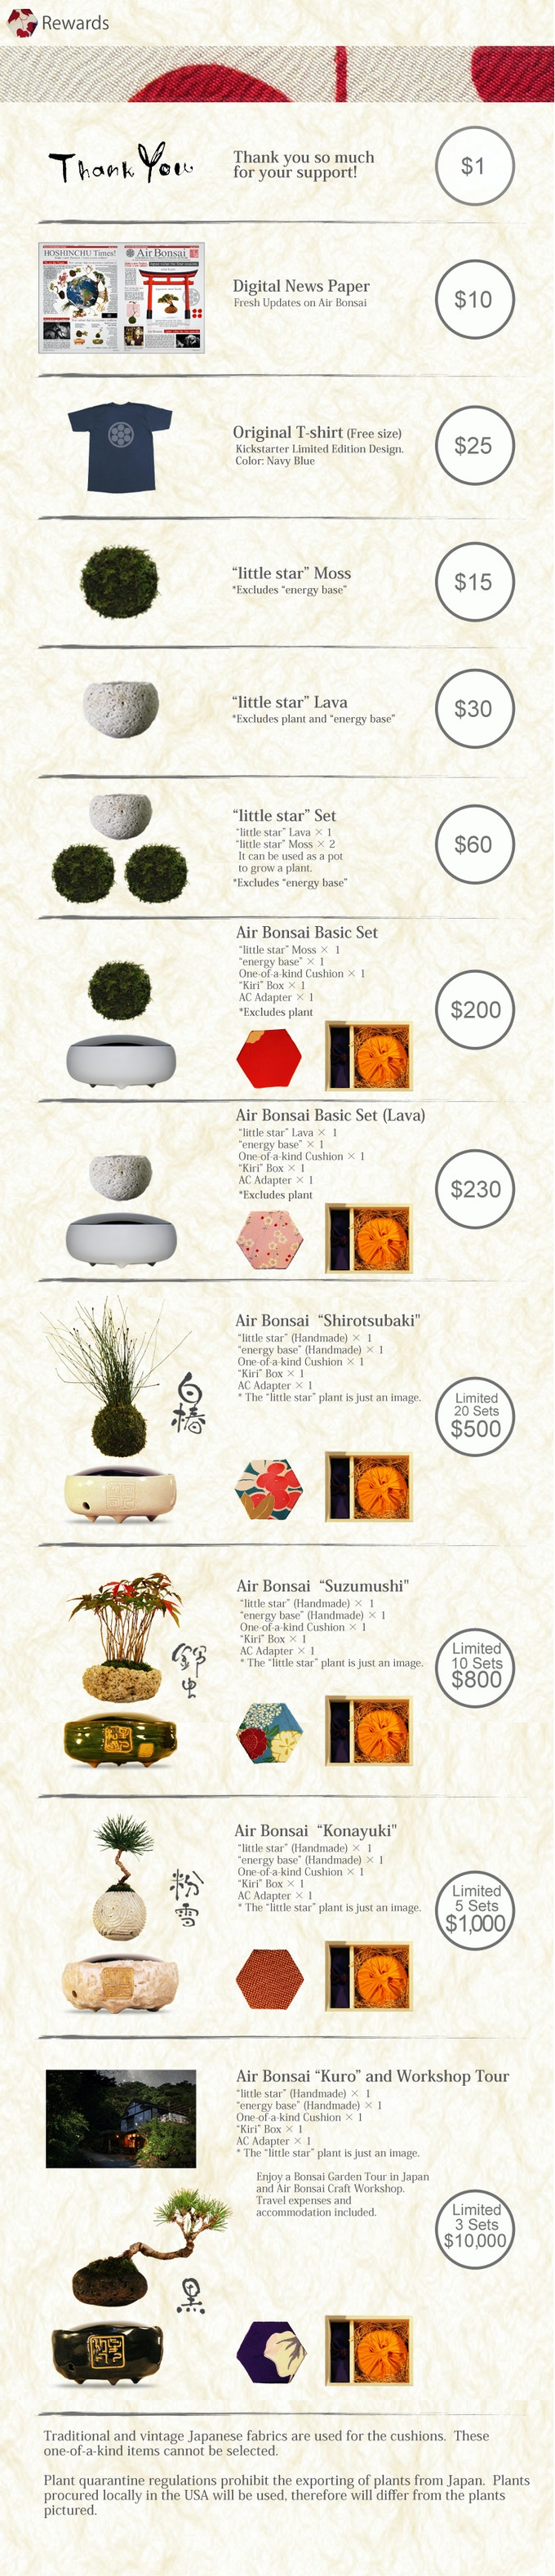 Air Bonsai Create Your Little Star By Hoshinchu Air Bonsai Garden Kickstarter